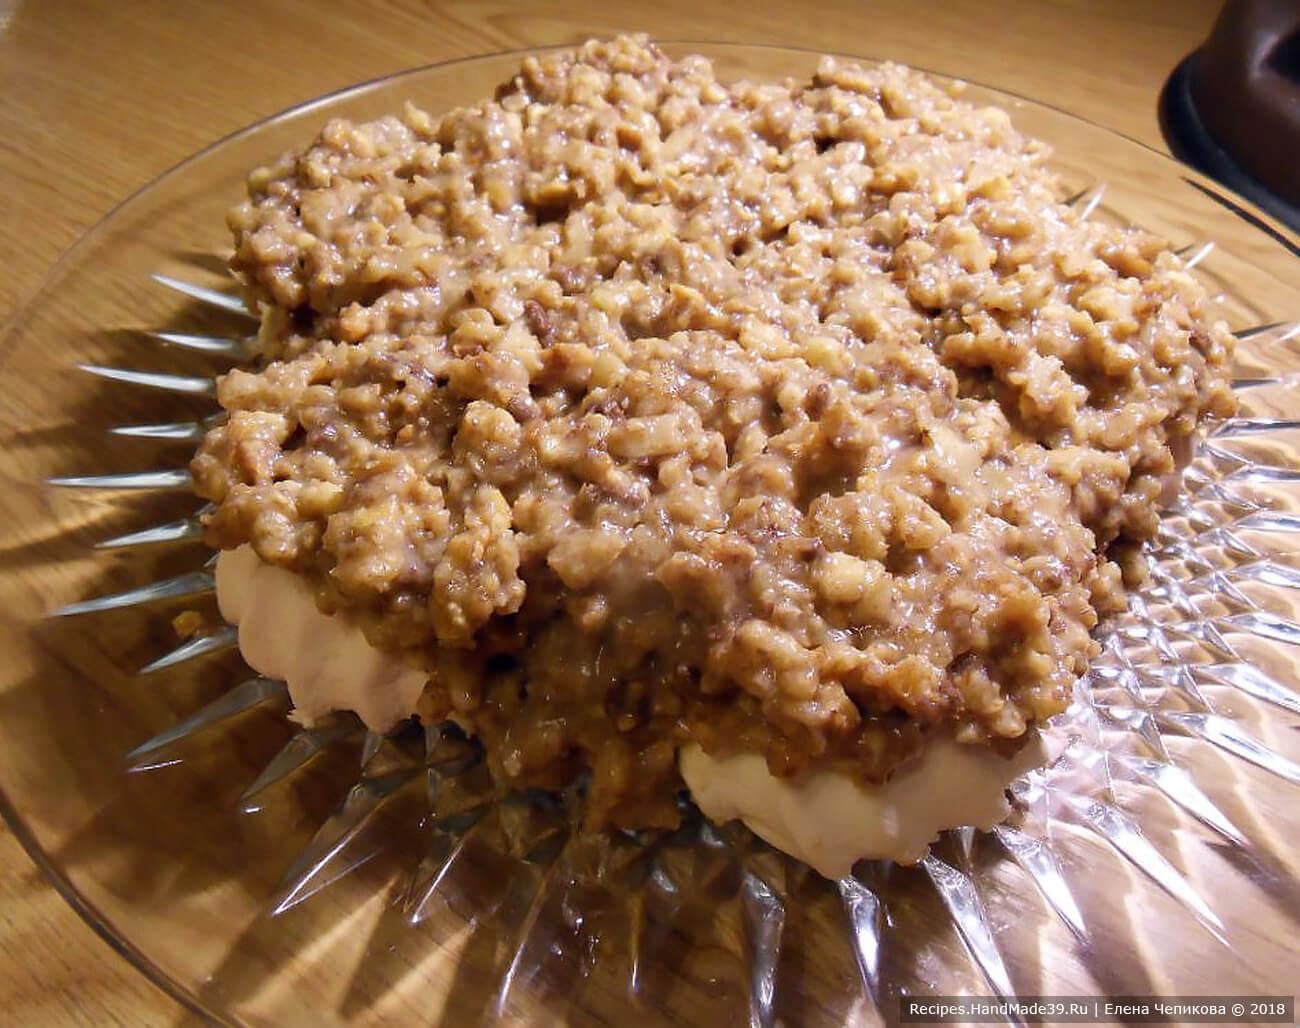 Выложить поверх зефира половину массы из орехов, печенья и сгущёнки